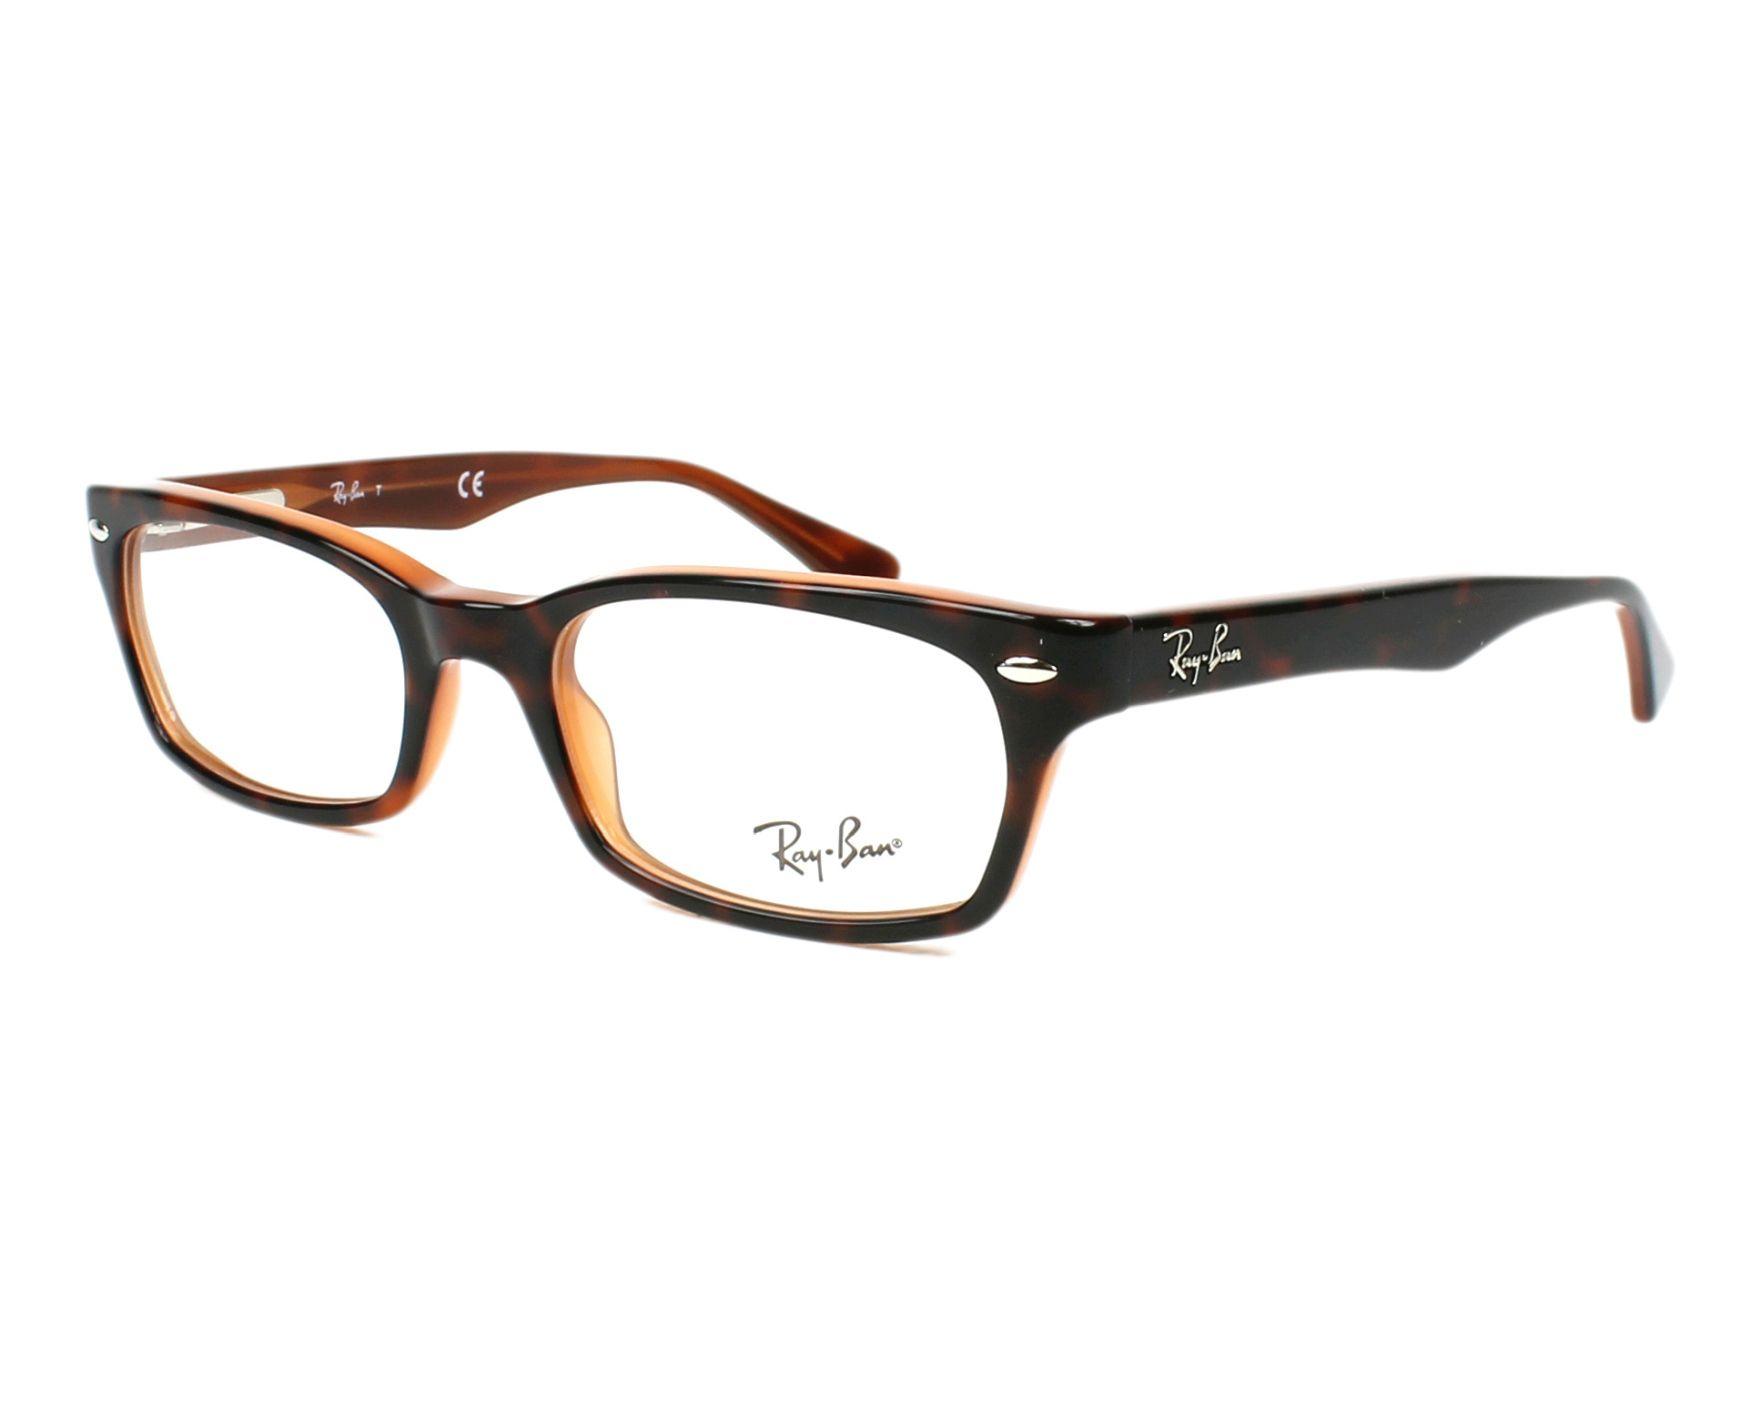 1c8f967dc3af5 Gafas Graduadas Ray-Ban RX-5150 5713 50-19 Havana Marrón vista de